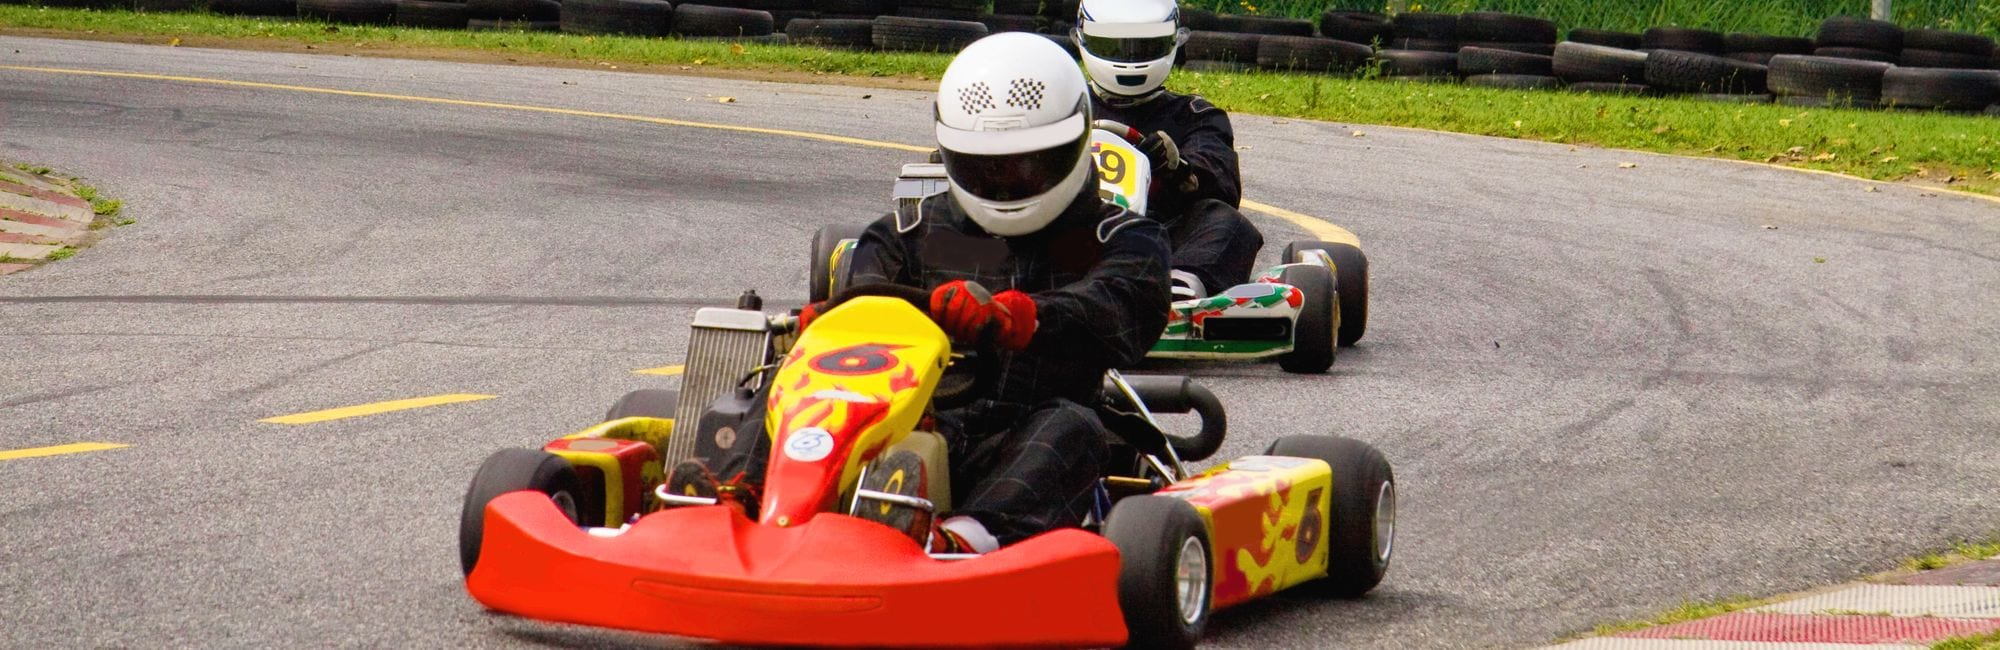 slide-directory-recreation-go-karts